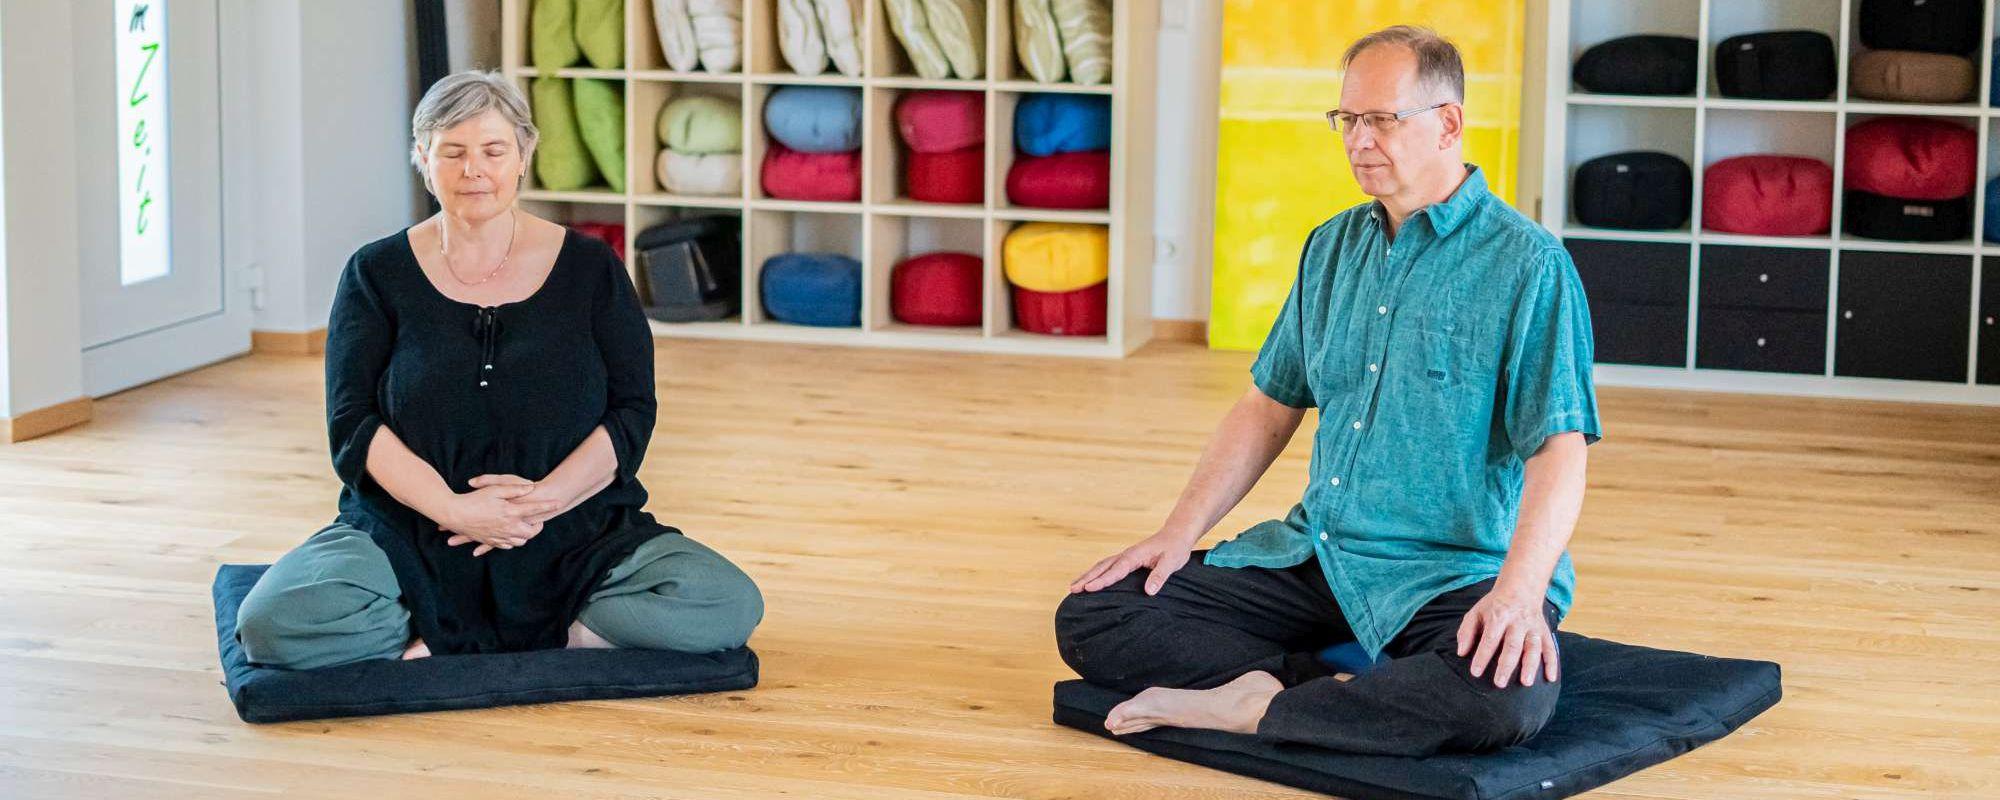 Der Gruppenraum kann unter anderem für Meditationen genutzt werden.